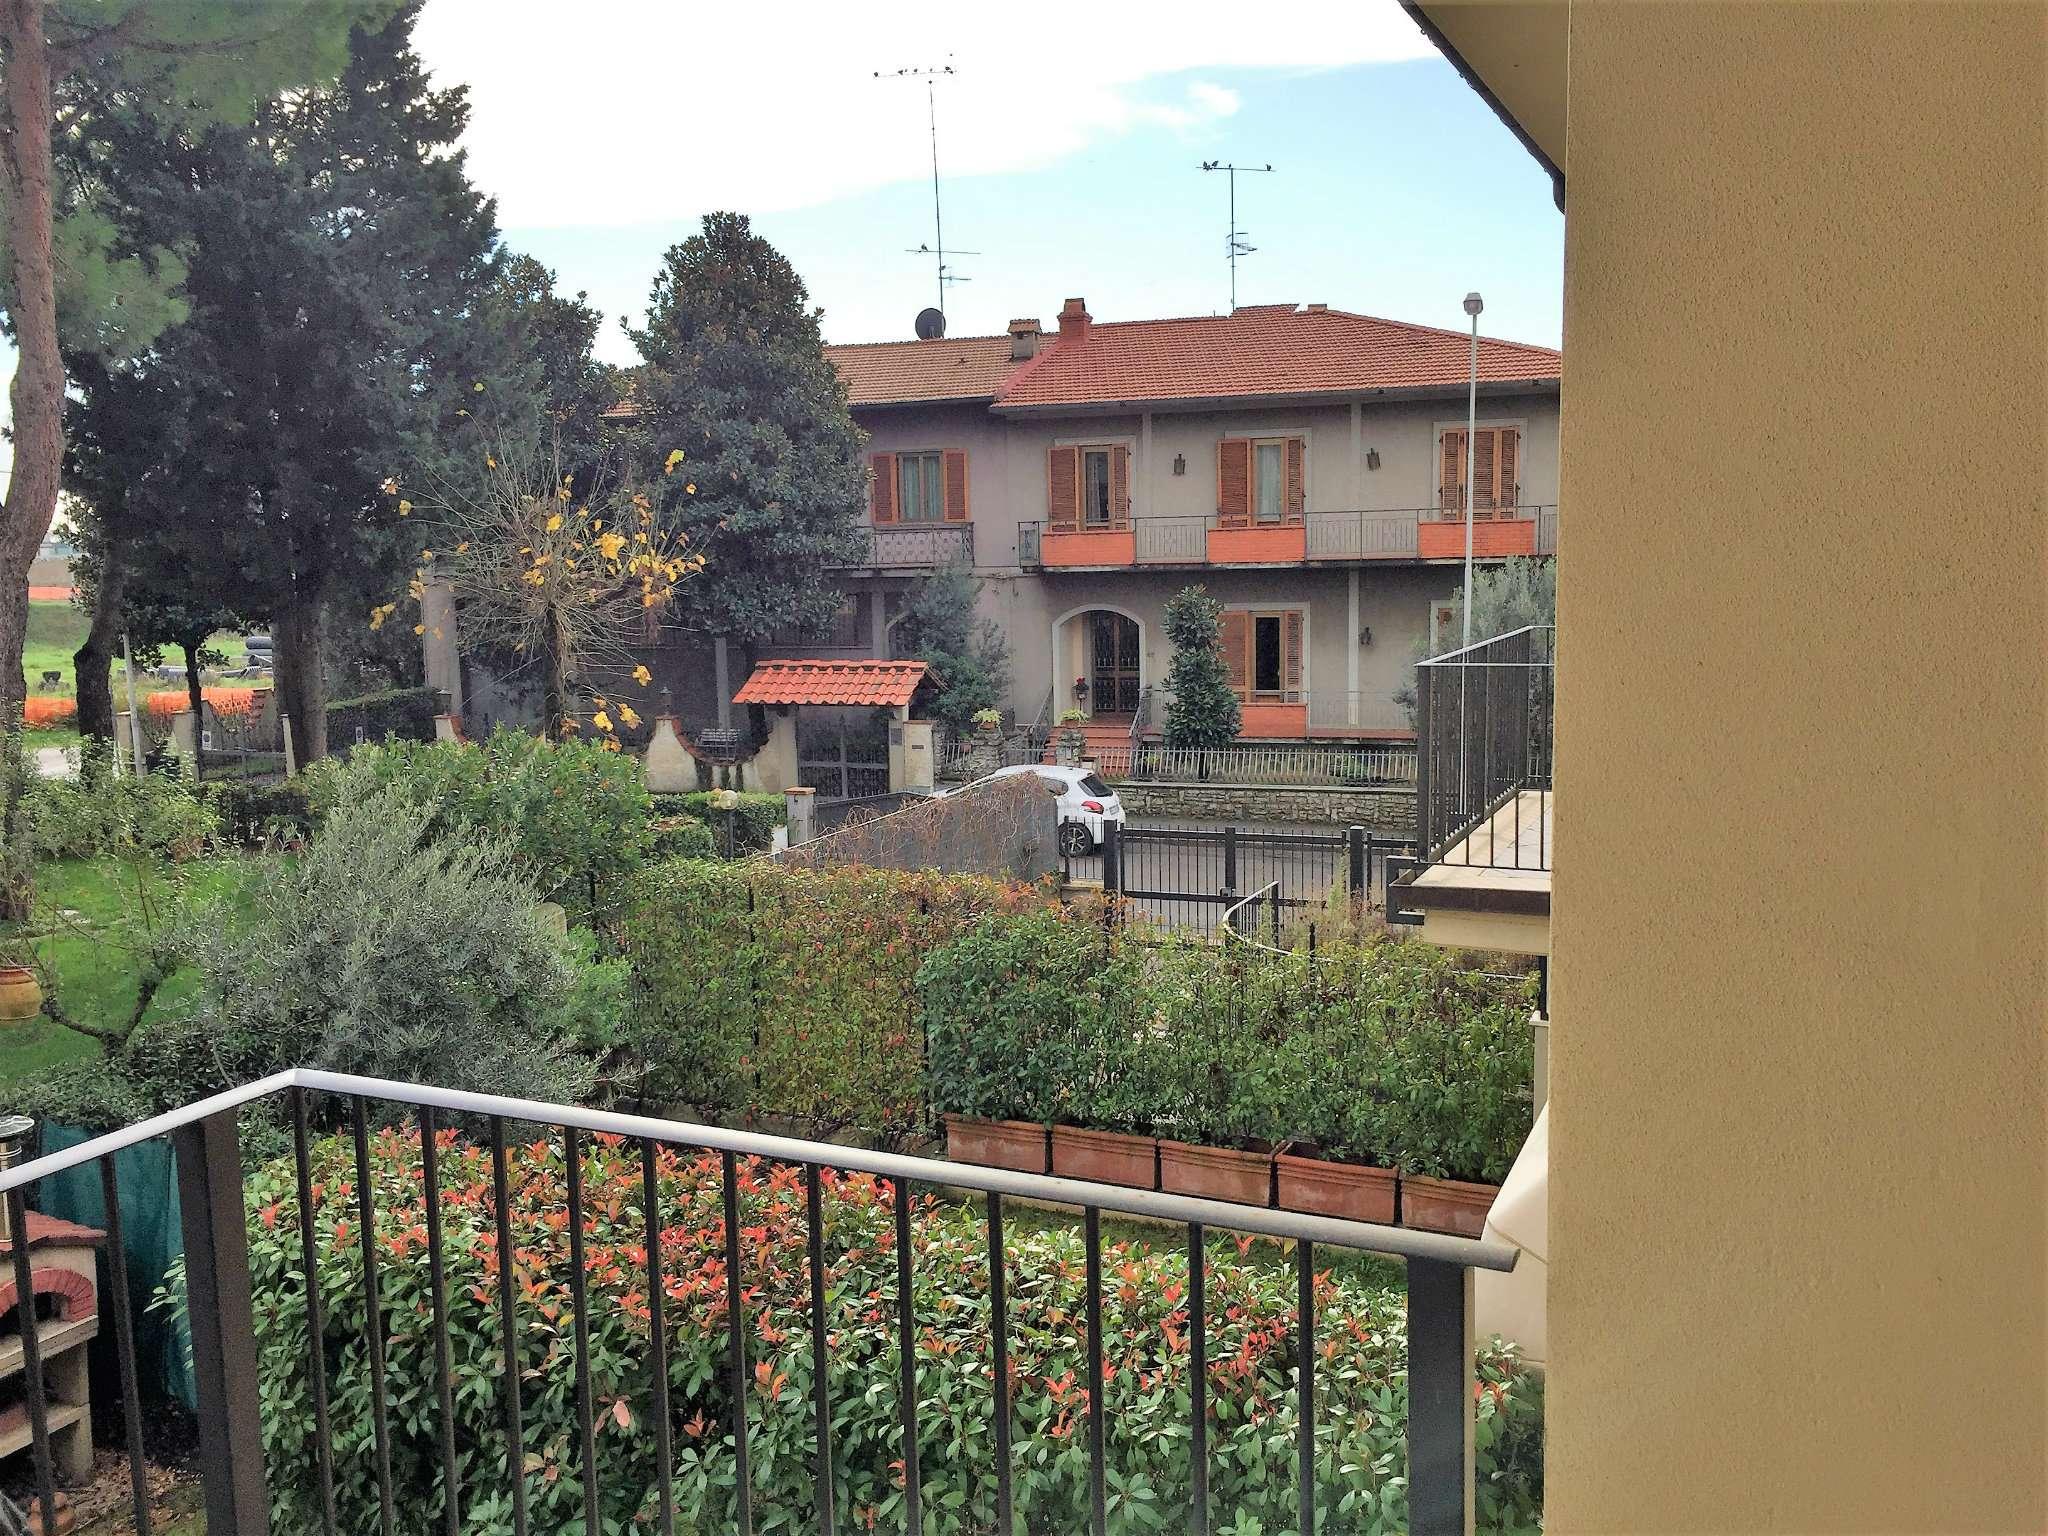 Immobile a Calenzano